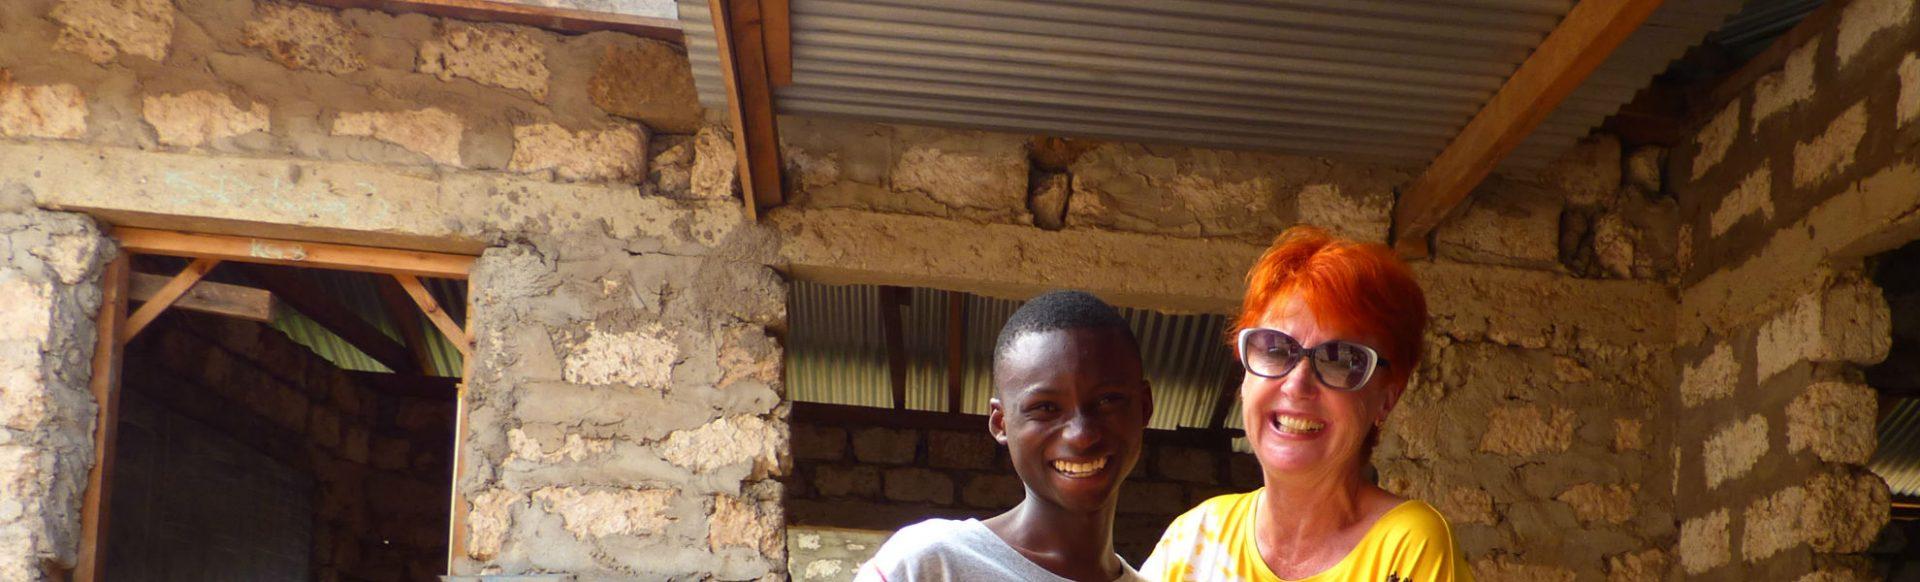 Marina Schmidt und eines der Patenkinder des Schulprojektes Hilfe mit Herz